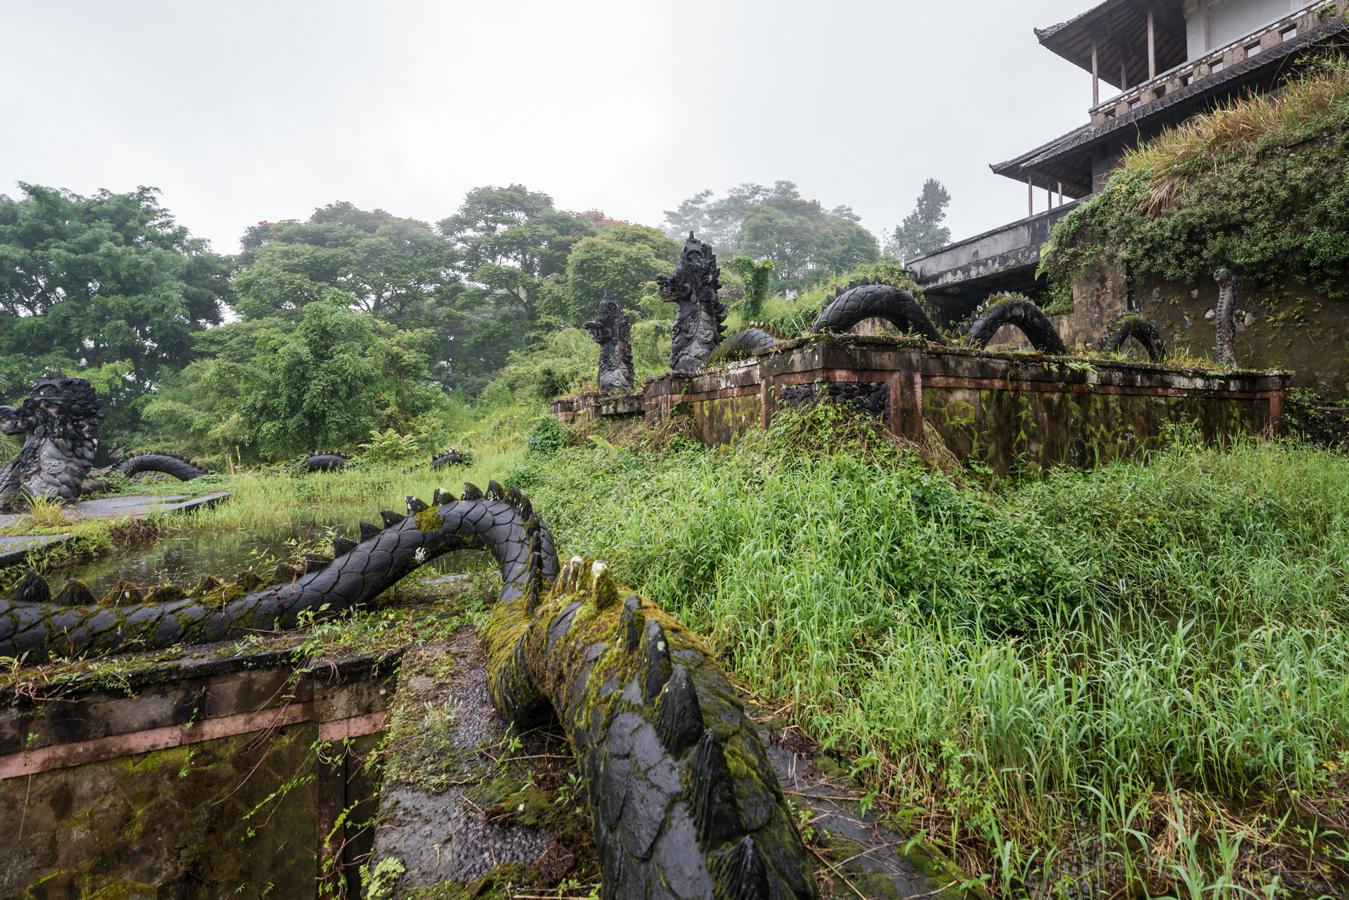 Image of abandoned Bali hotel